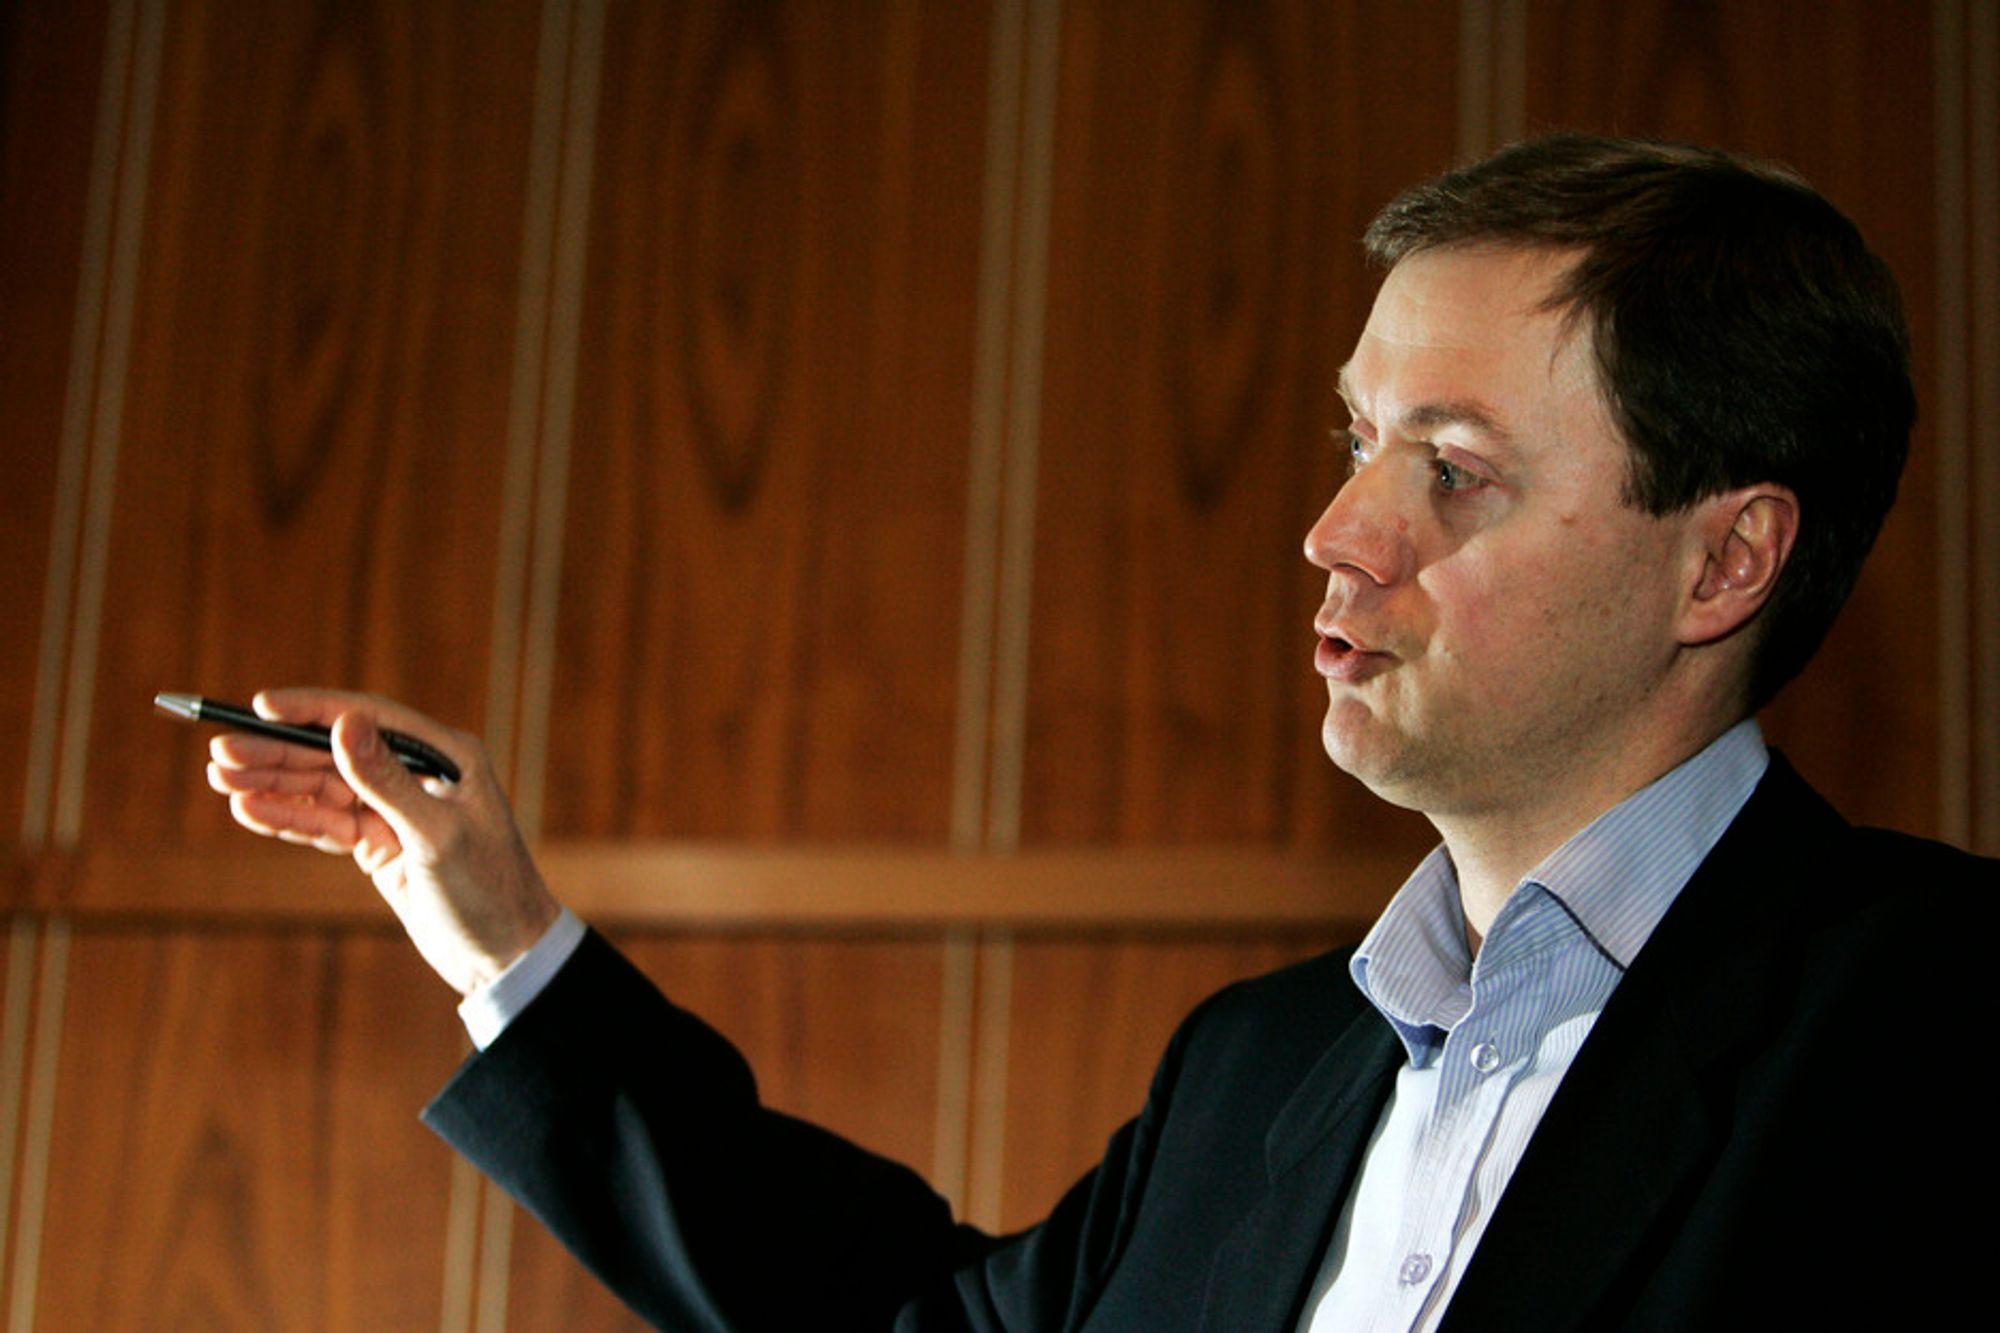 KONKURSER: Norsk Industri-direktør Knut E. Sunde frykter at flere store norske bedrifter skal gå konkurs. Nå krever han nye tiltak fra regjeringen for å støtte industrien.